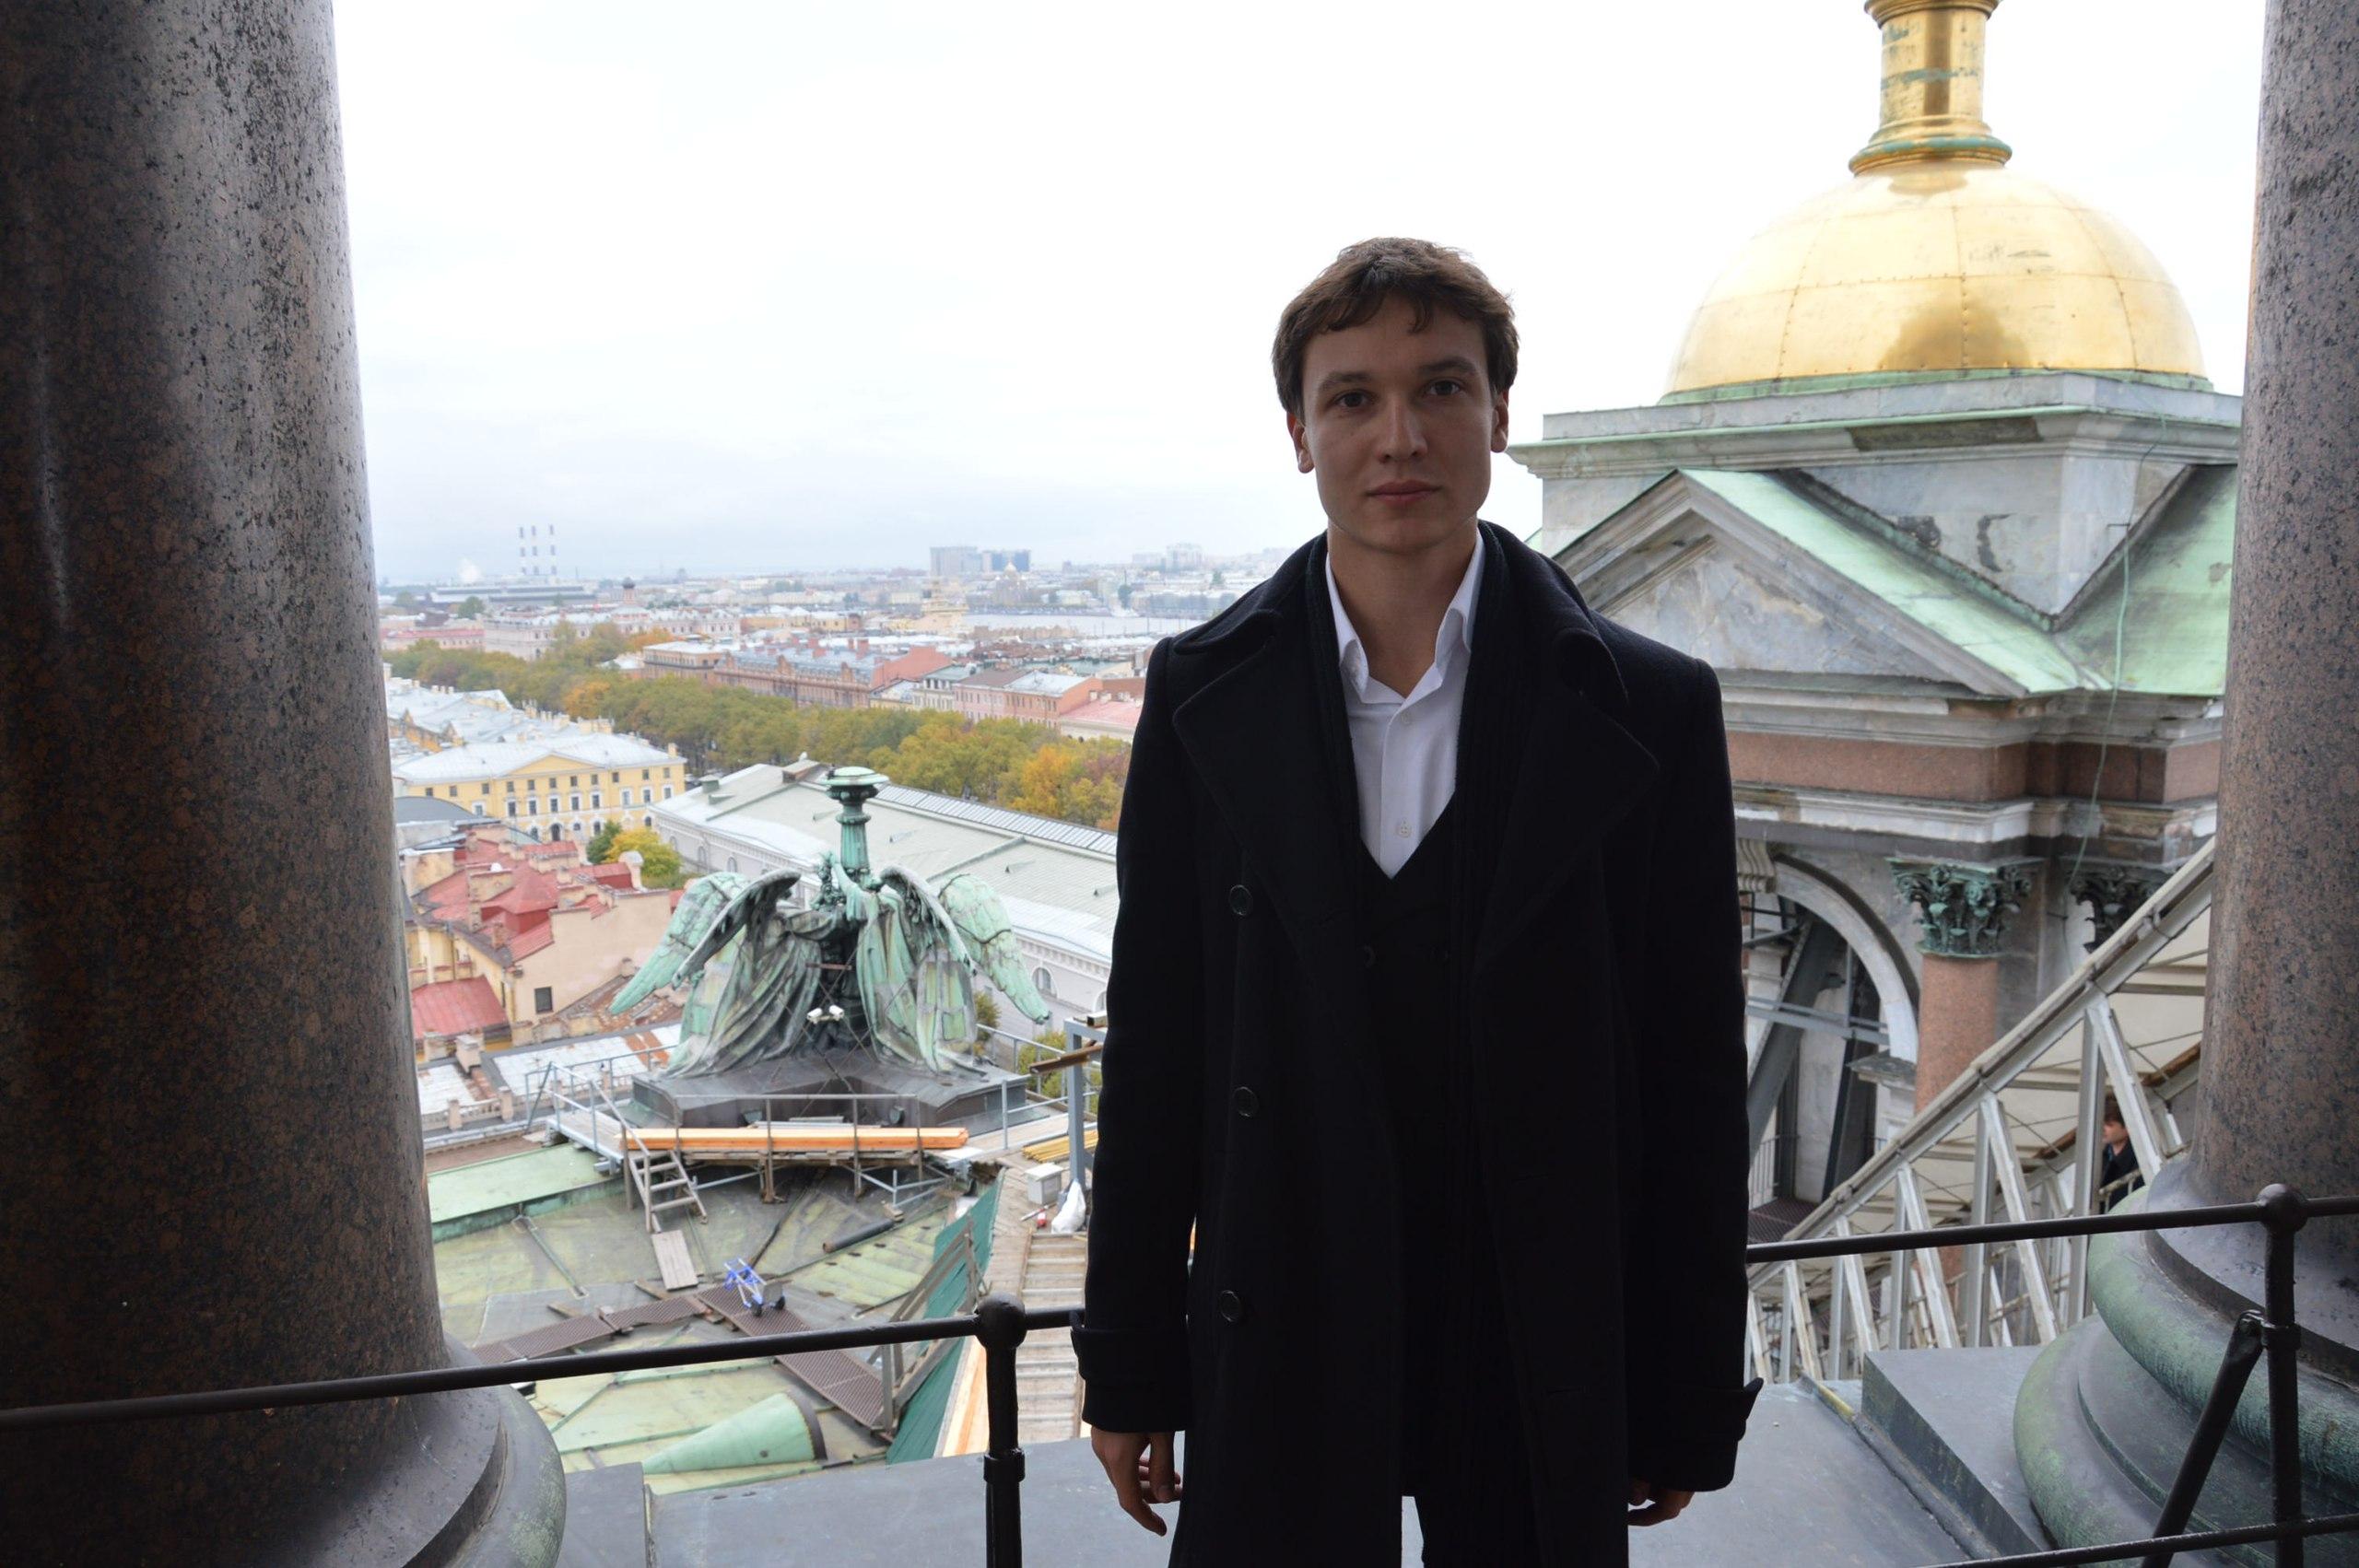 Petrushkov Vladimir 92